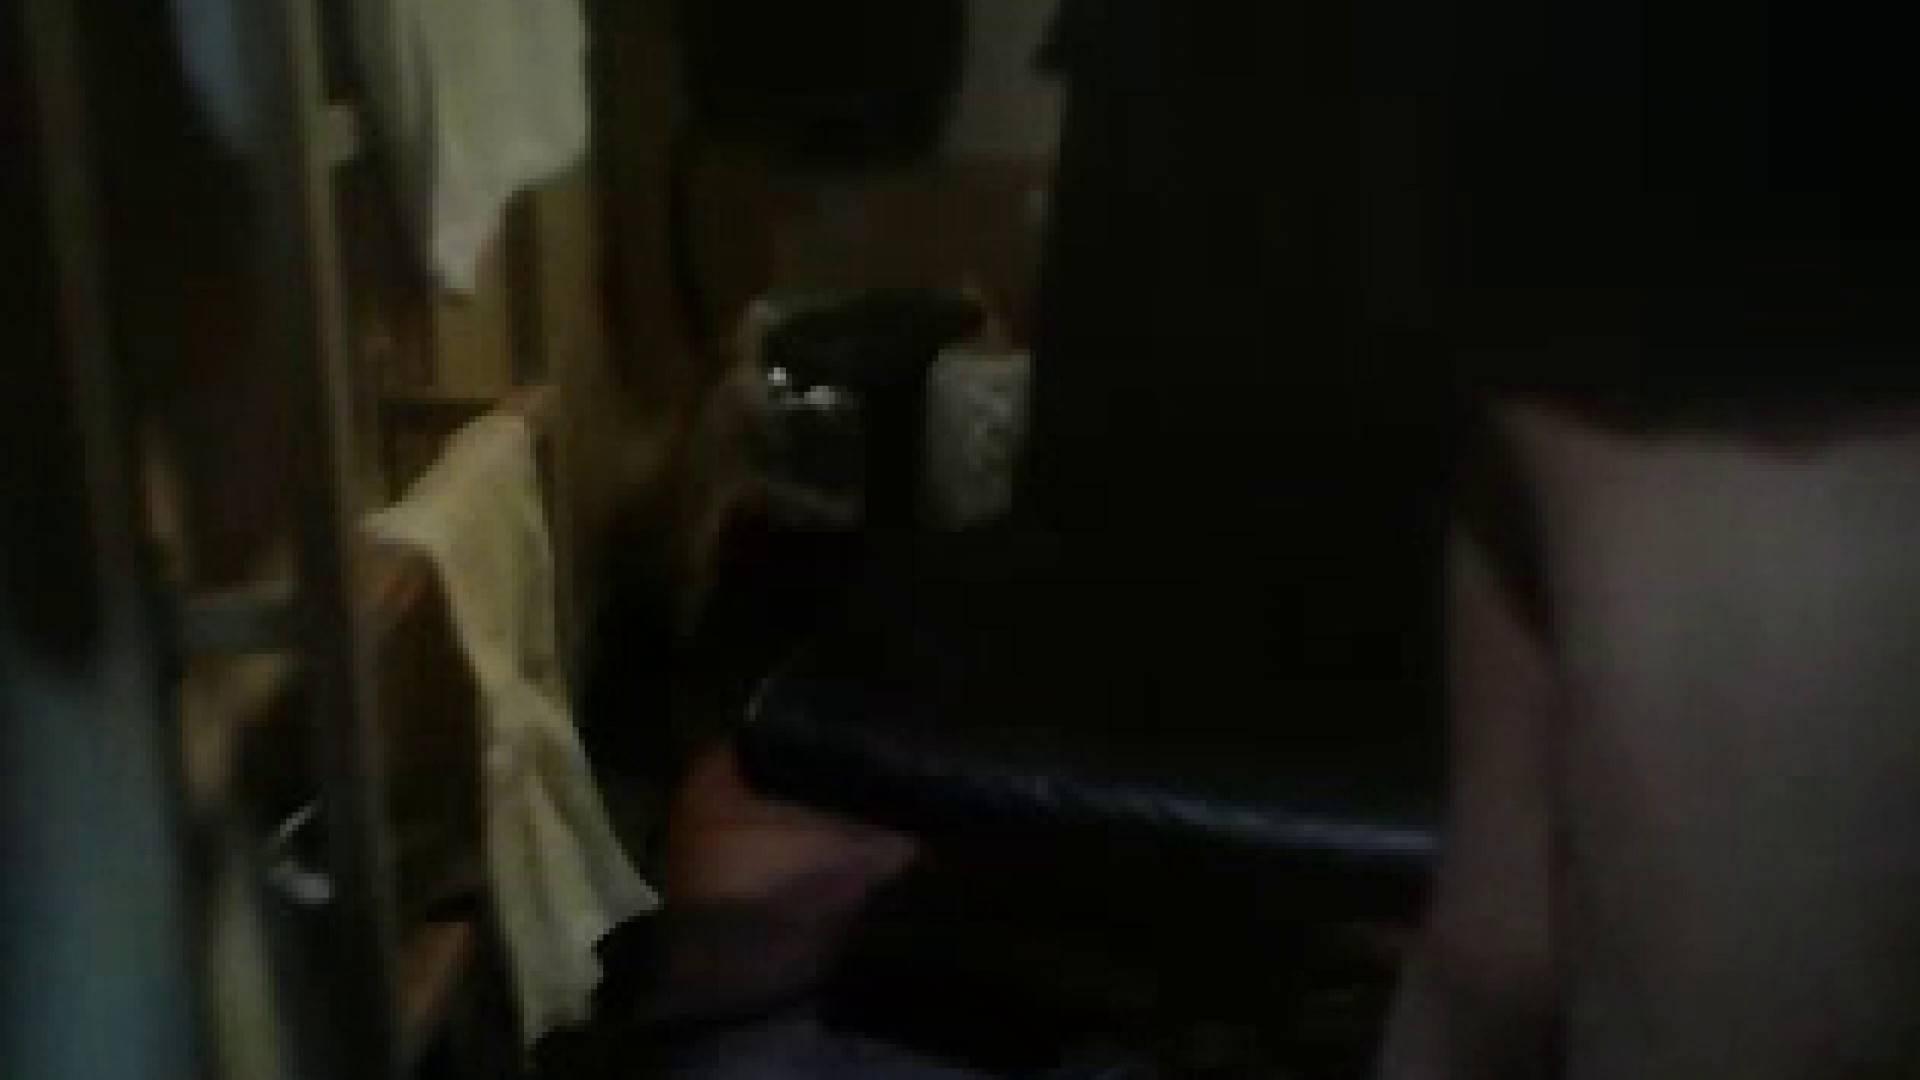 ~厳選!素人イケメン~俺のオナニズムⅢVol.04 オナニー ゲイ無修正ビデオ画像 110pic 3